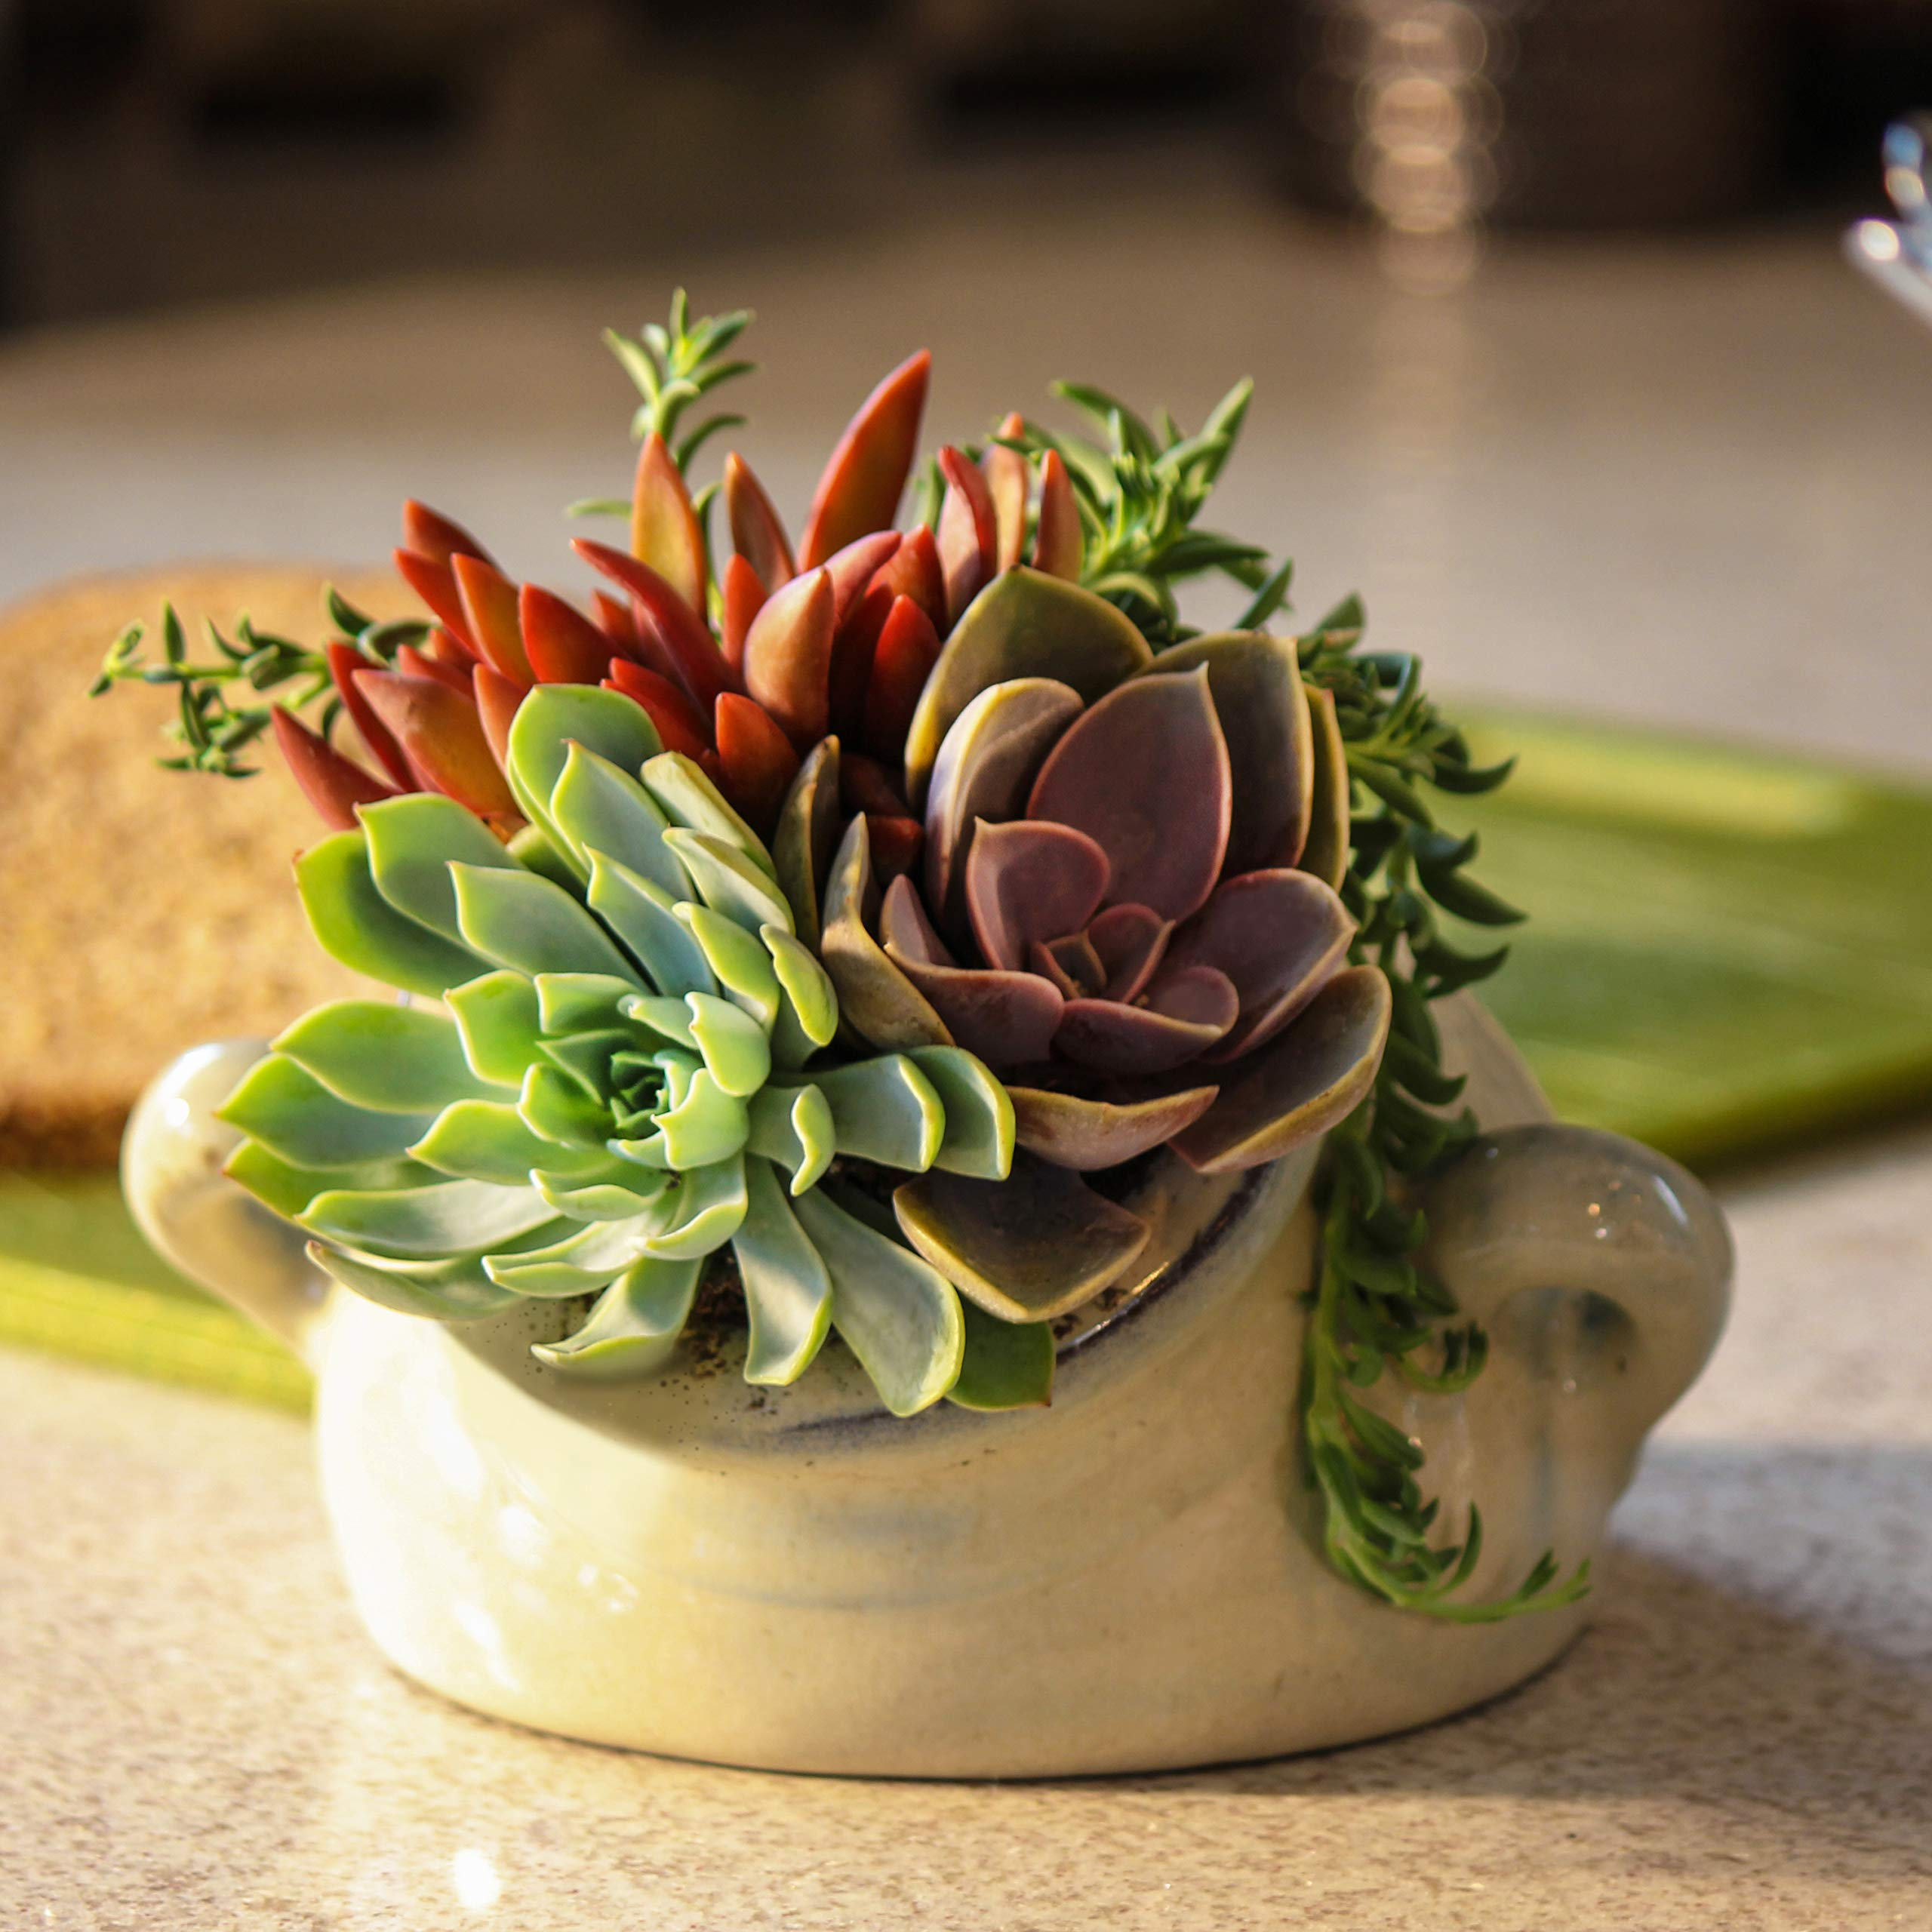 Altman Plants Mini Live Assorted Succulents Weddings, Party favors, DIY terrariums, Gifts 2'' 20 Pack by Altman Plants (Image #7)